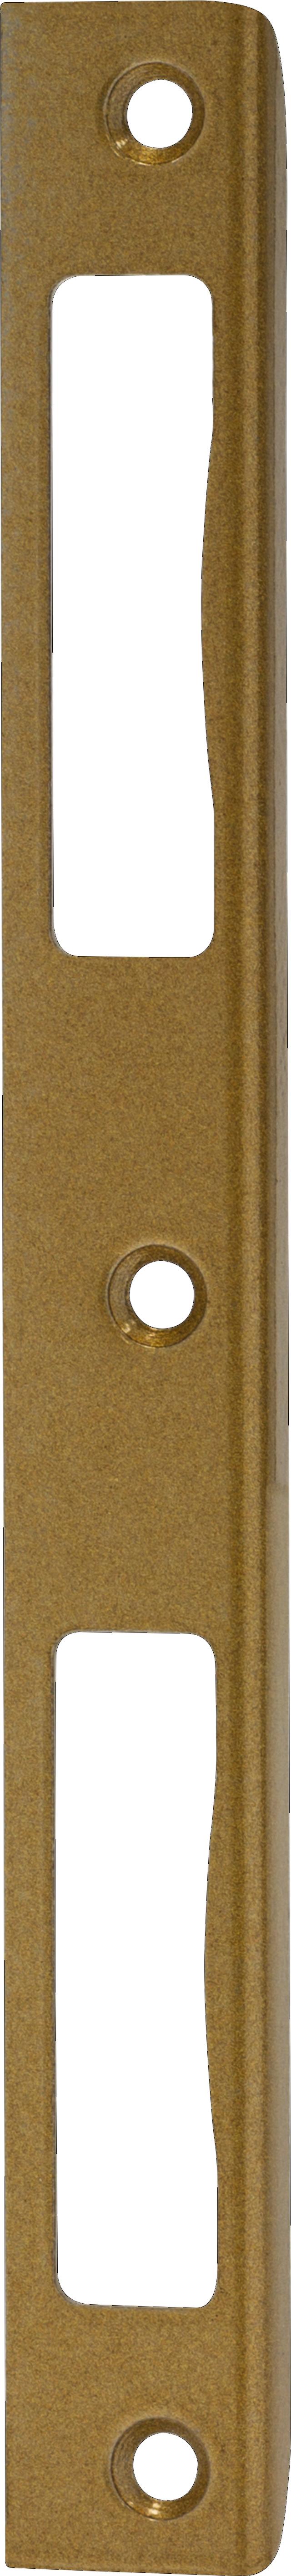 Winkelschließblech WSBHT190 LR G 20x8 EK